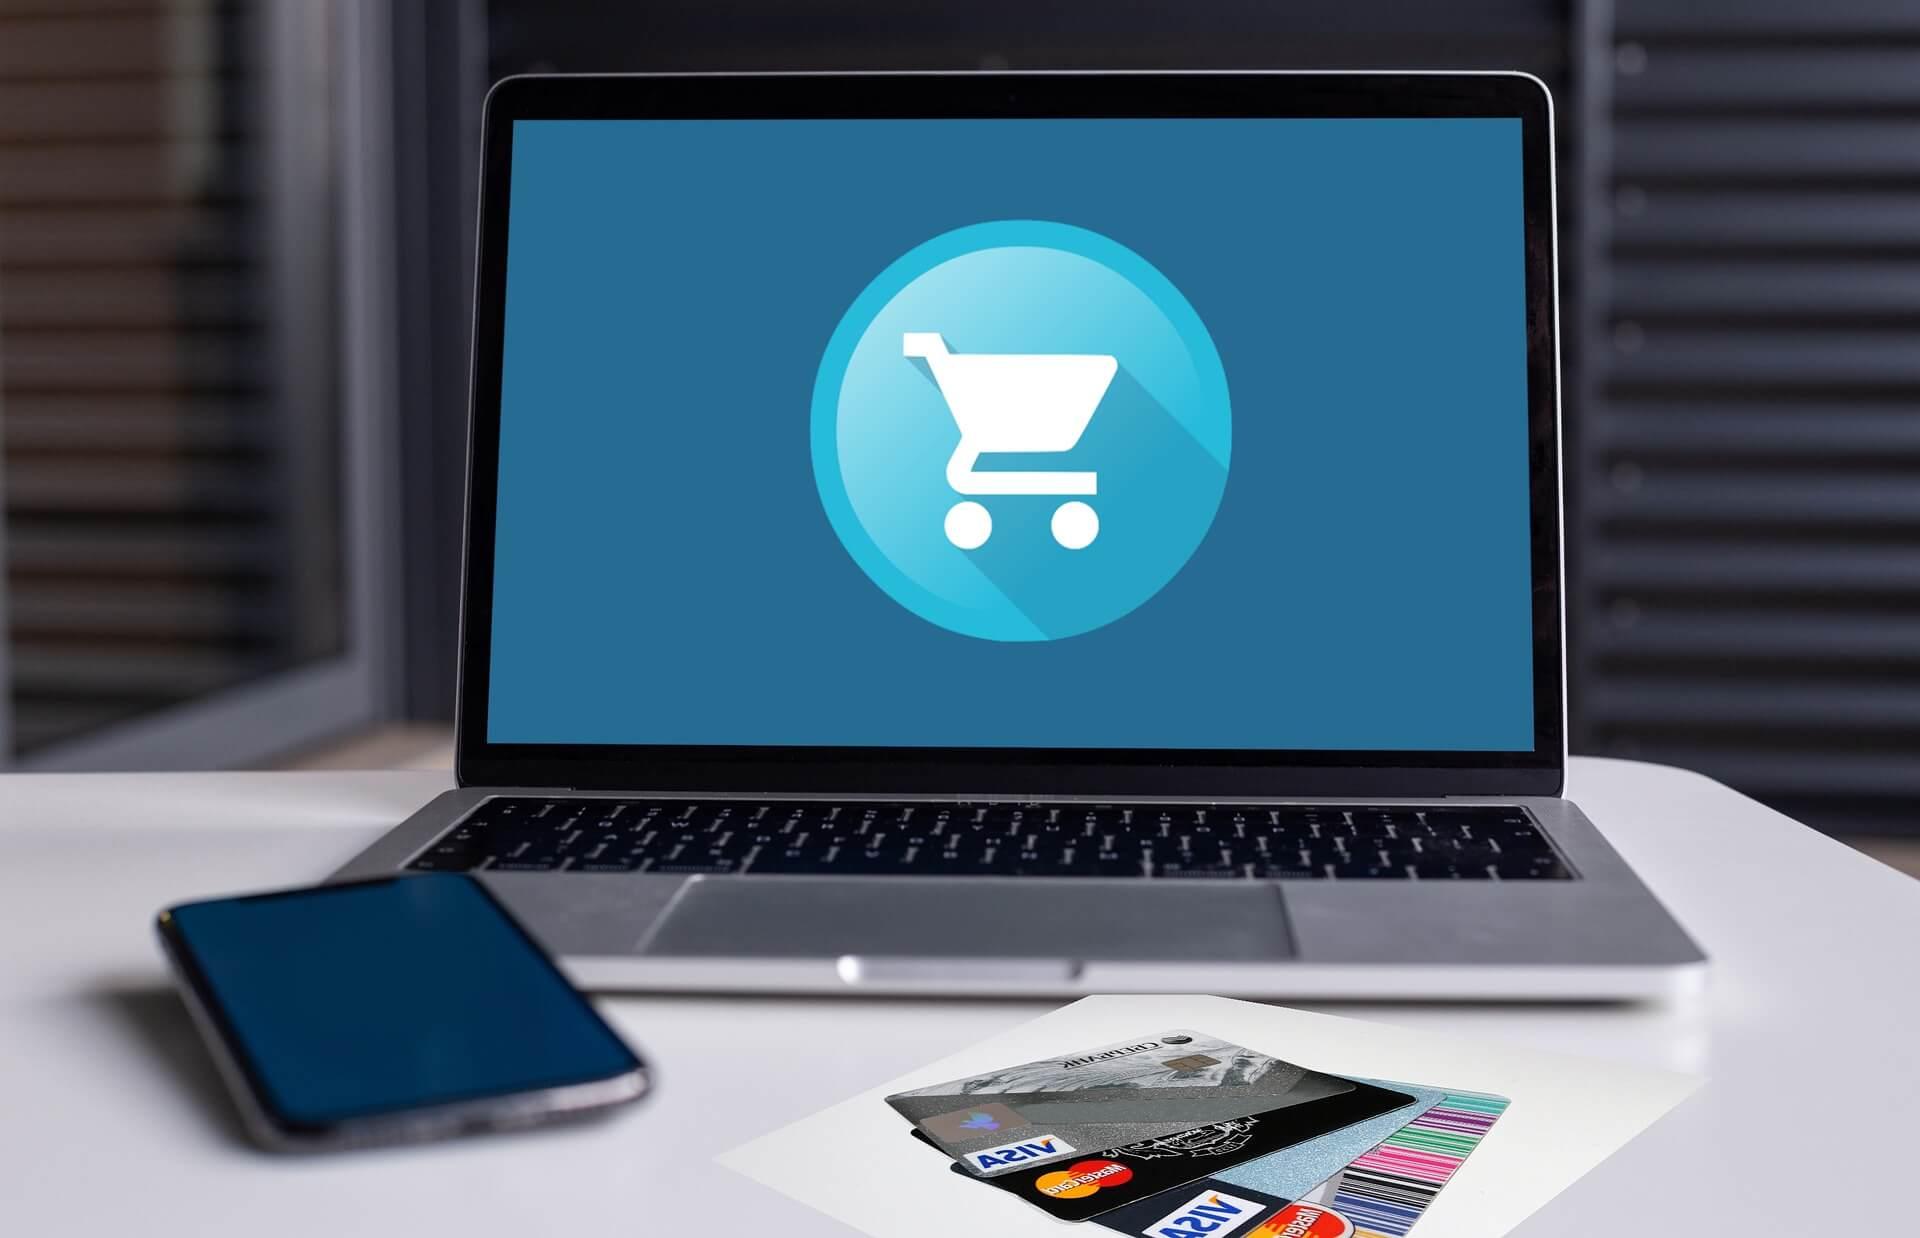 Imagem de um carrinho de compras na tela de um notebook ao lado de alguns cartões de crédito e um smartphone.